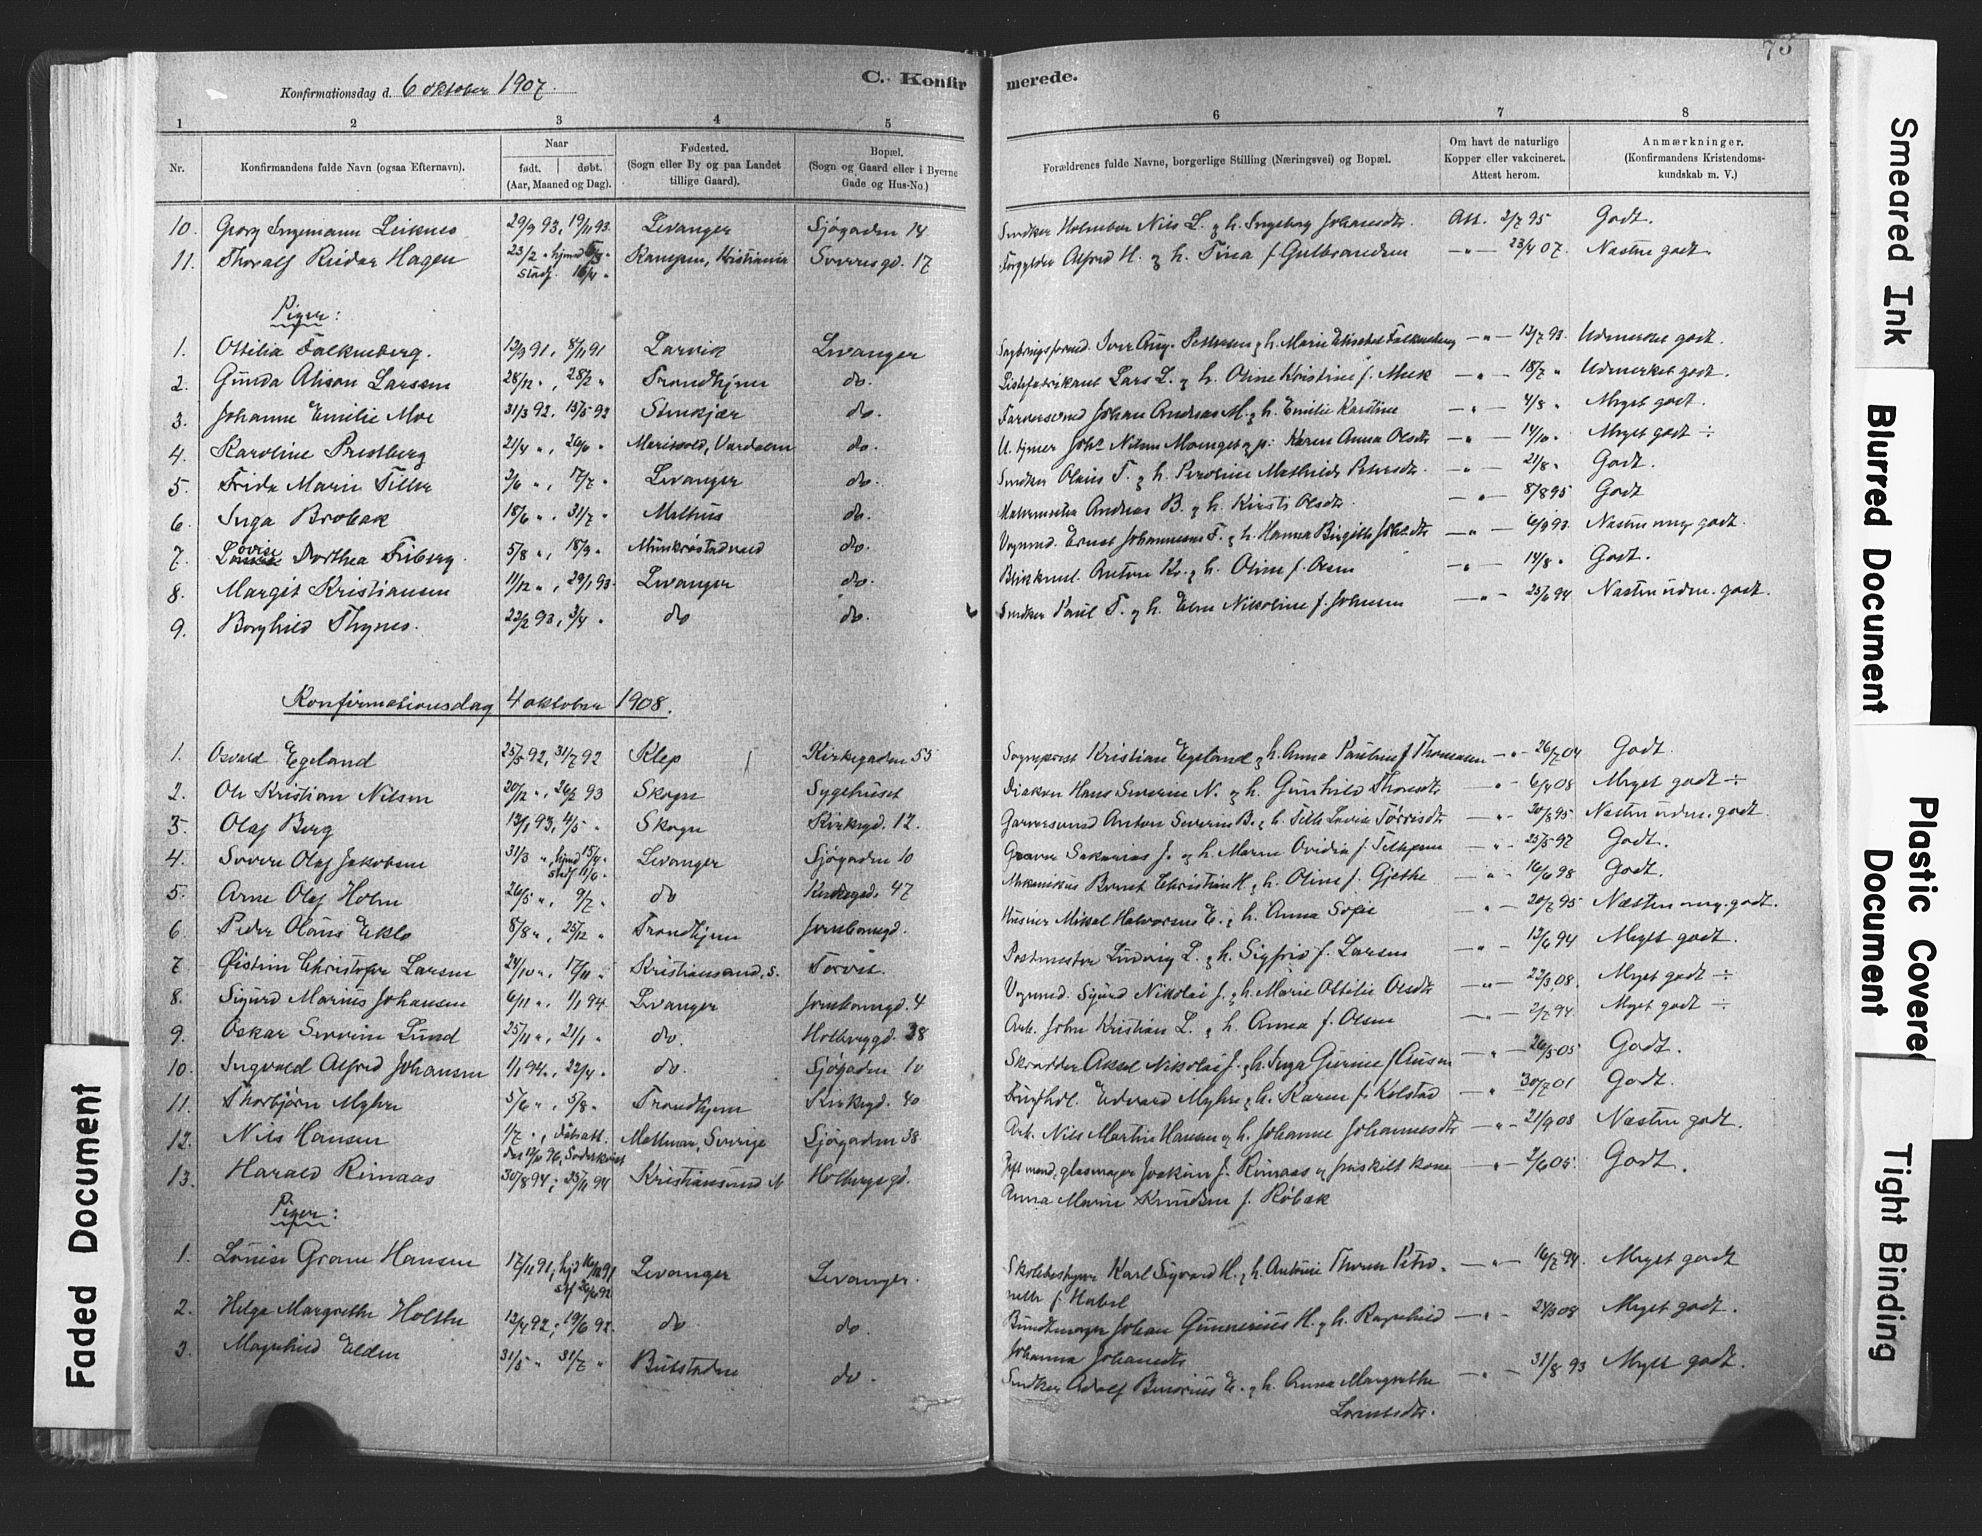 SAT, Ministerialprotokoller, klokkerbøker og fødselsregistre - Nord-Trøndelag, 720/L0189: Ministerialbok nr. 720A05, 1880-1911, s. 73